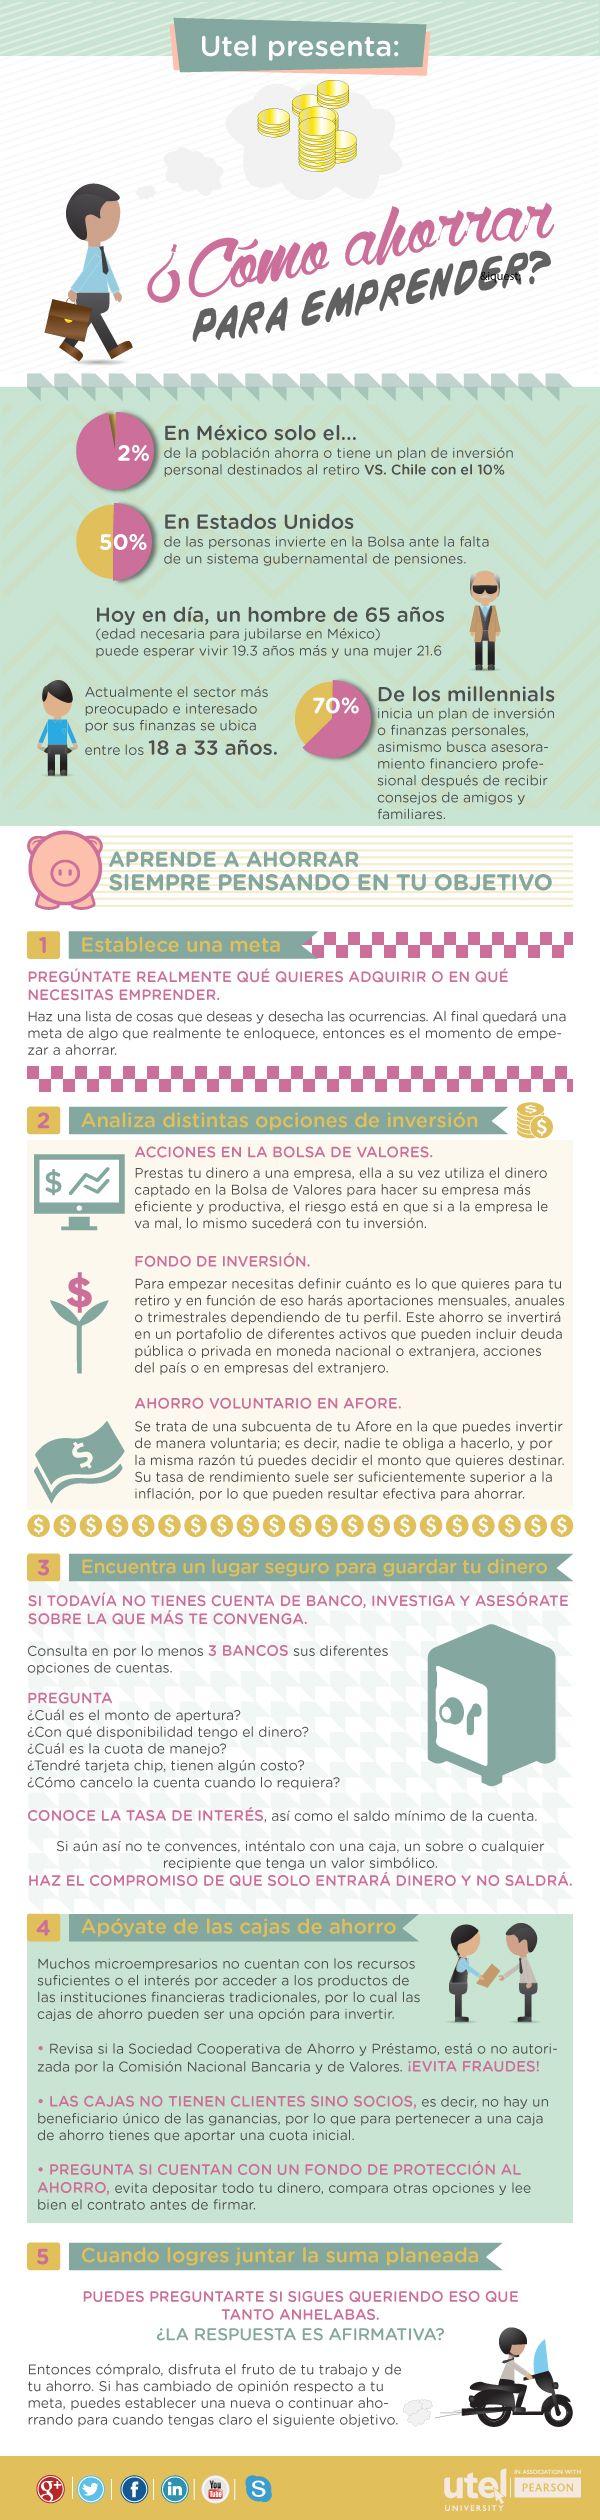 ¿Cómo #ahorrar para #emprender? Sabías que en #México solo 2% de la población ahorra o tiene un plan de inversión personal destinado al retiro.¿Ahorras, Inviertes? Comparte con la #ComunidadUTEL algunos de tus #consejos. #UTEL #Infografía #Invertir #Emprendedores #infographic